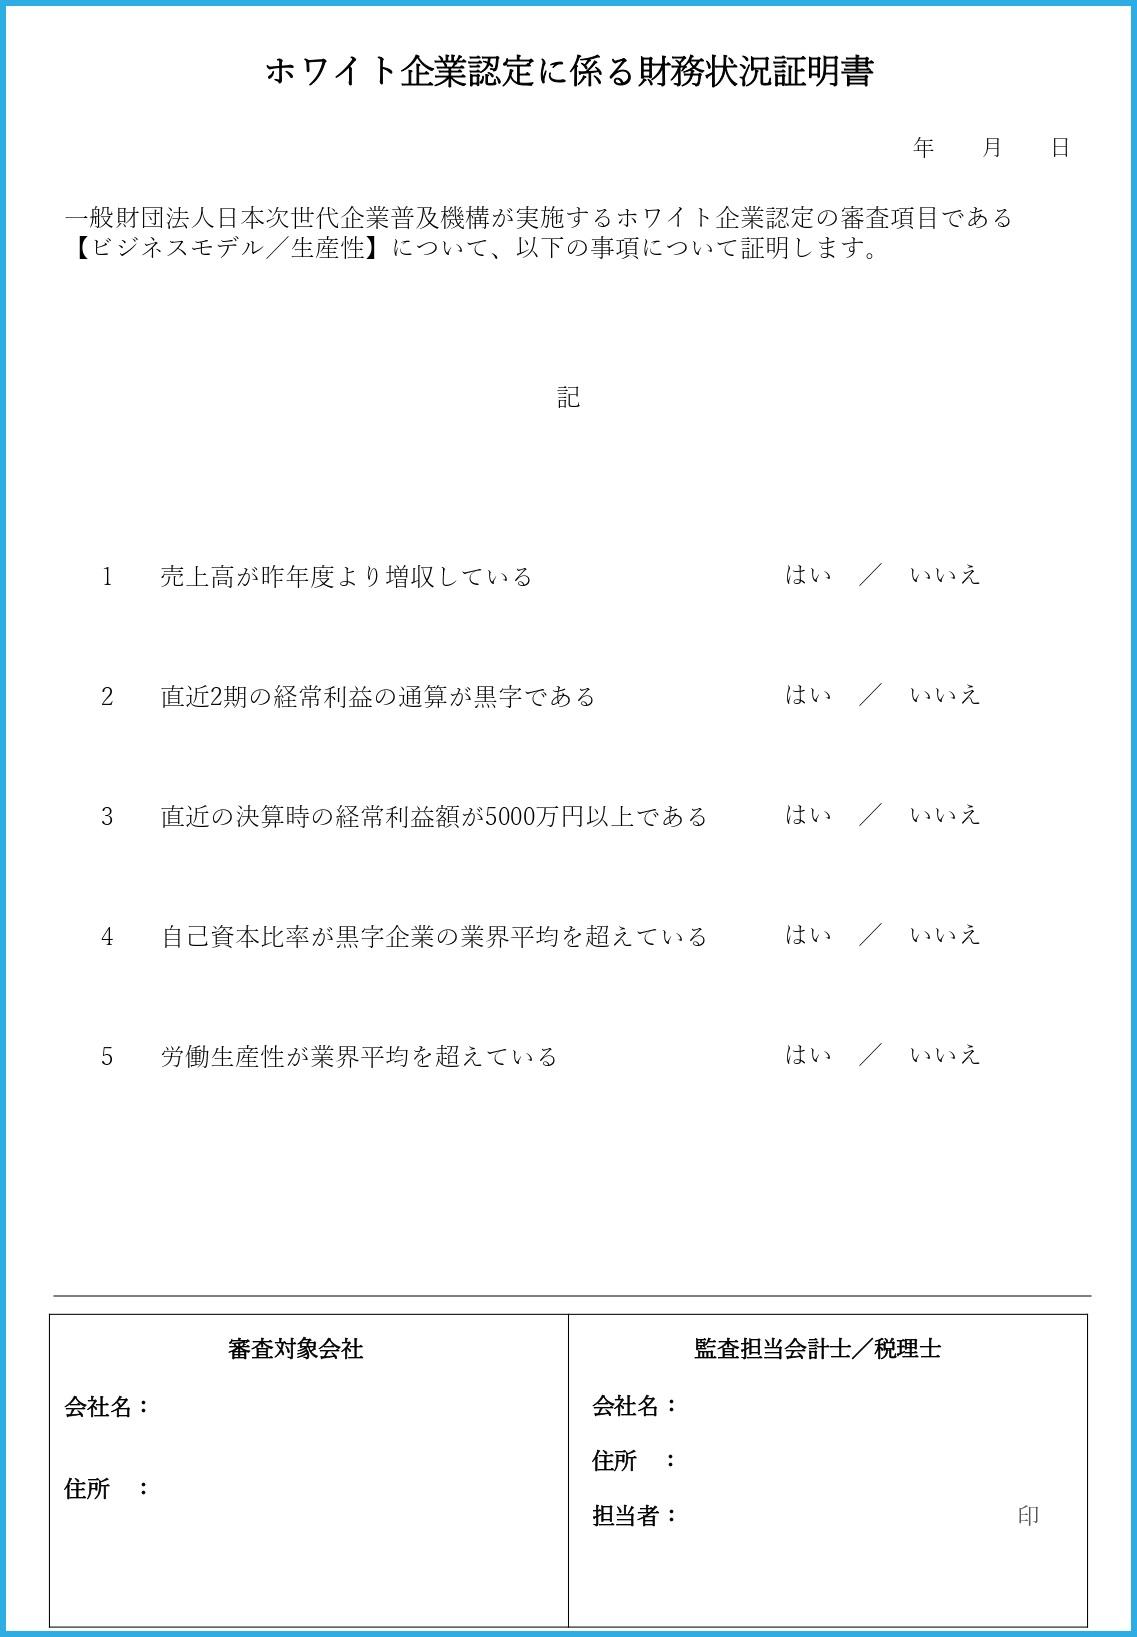 ホワイト企業認定に係る財務状況証明書